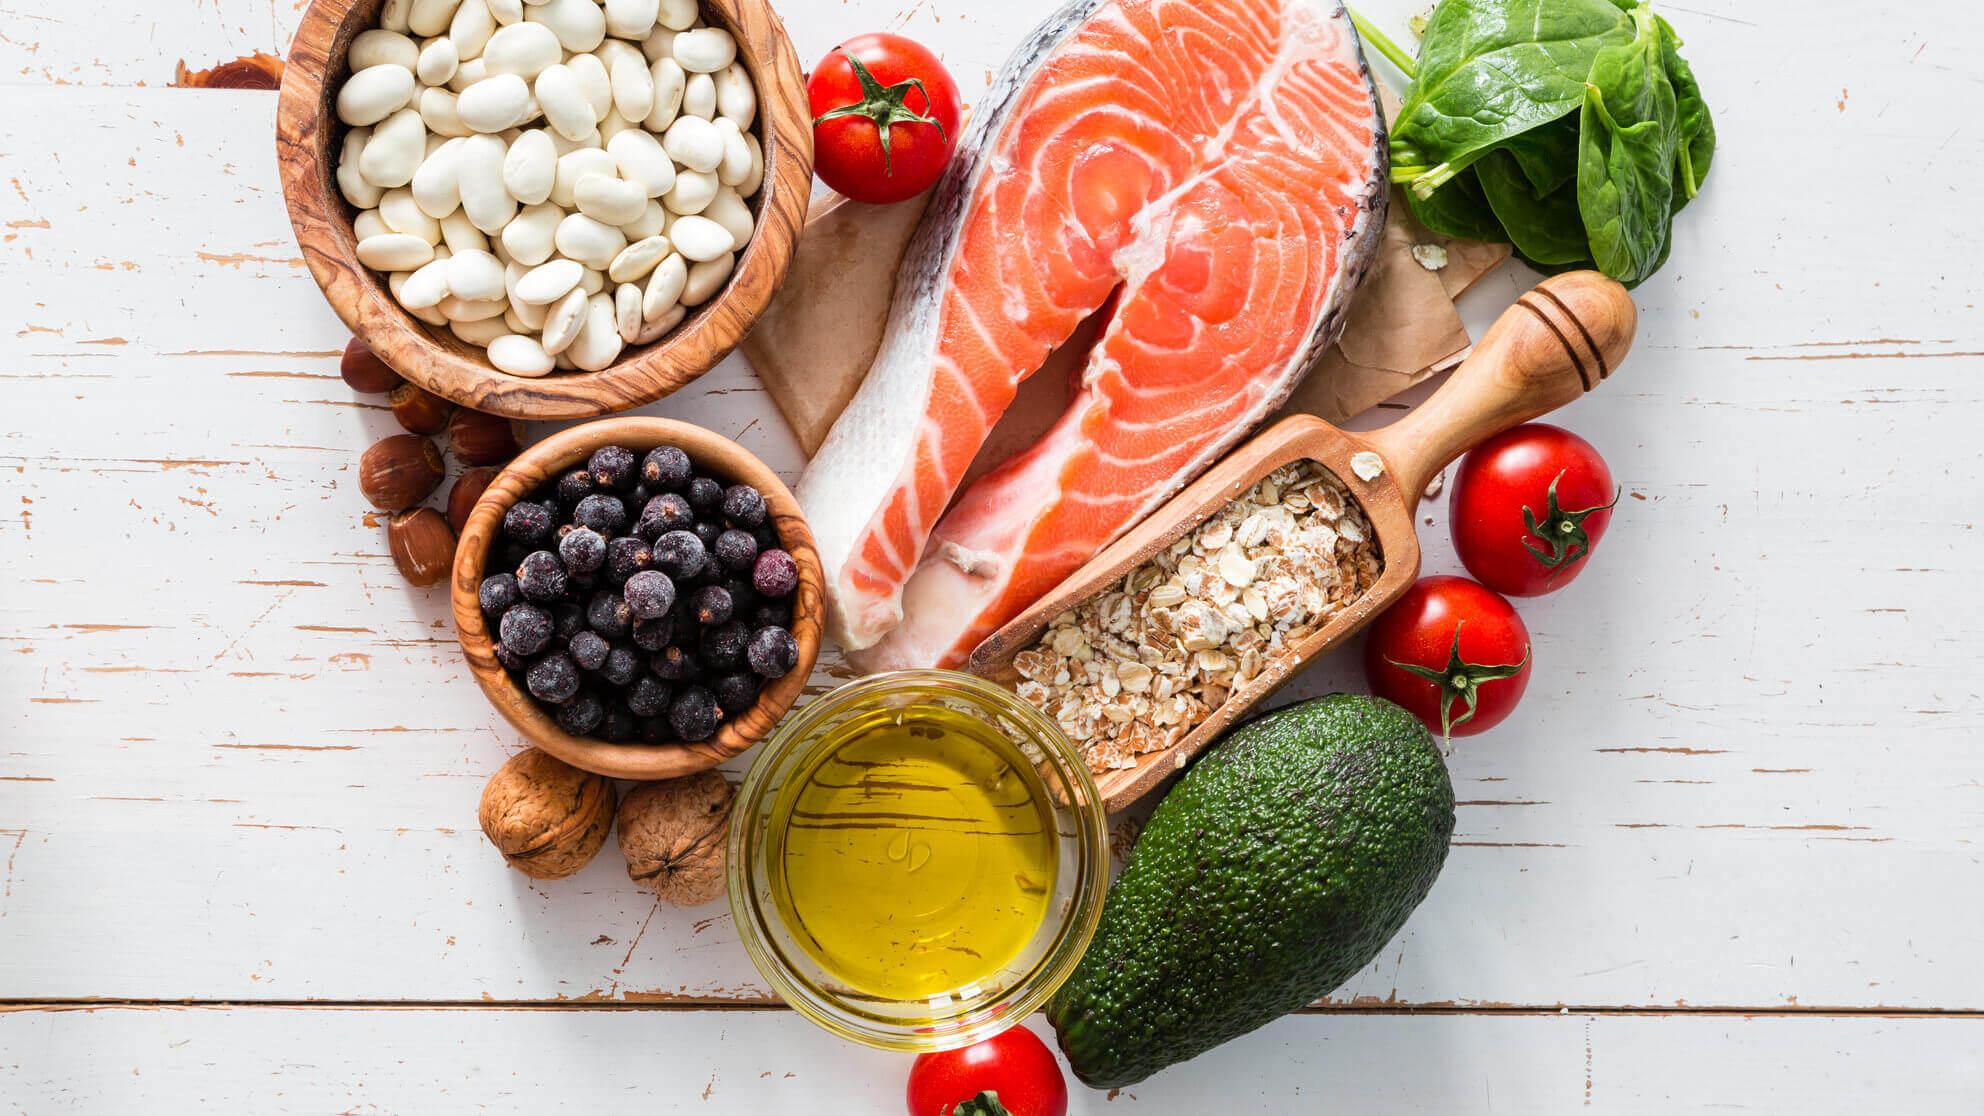 Những loại thực phẩm giúp bổ sung nội tiết tố nữ hiệu quả